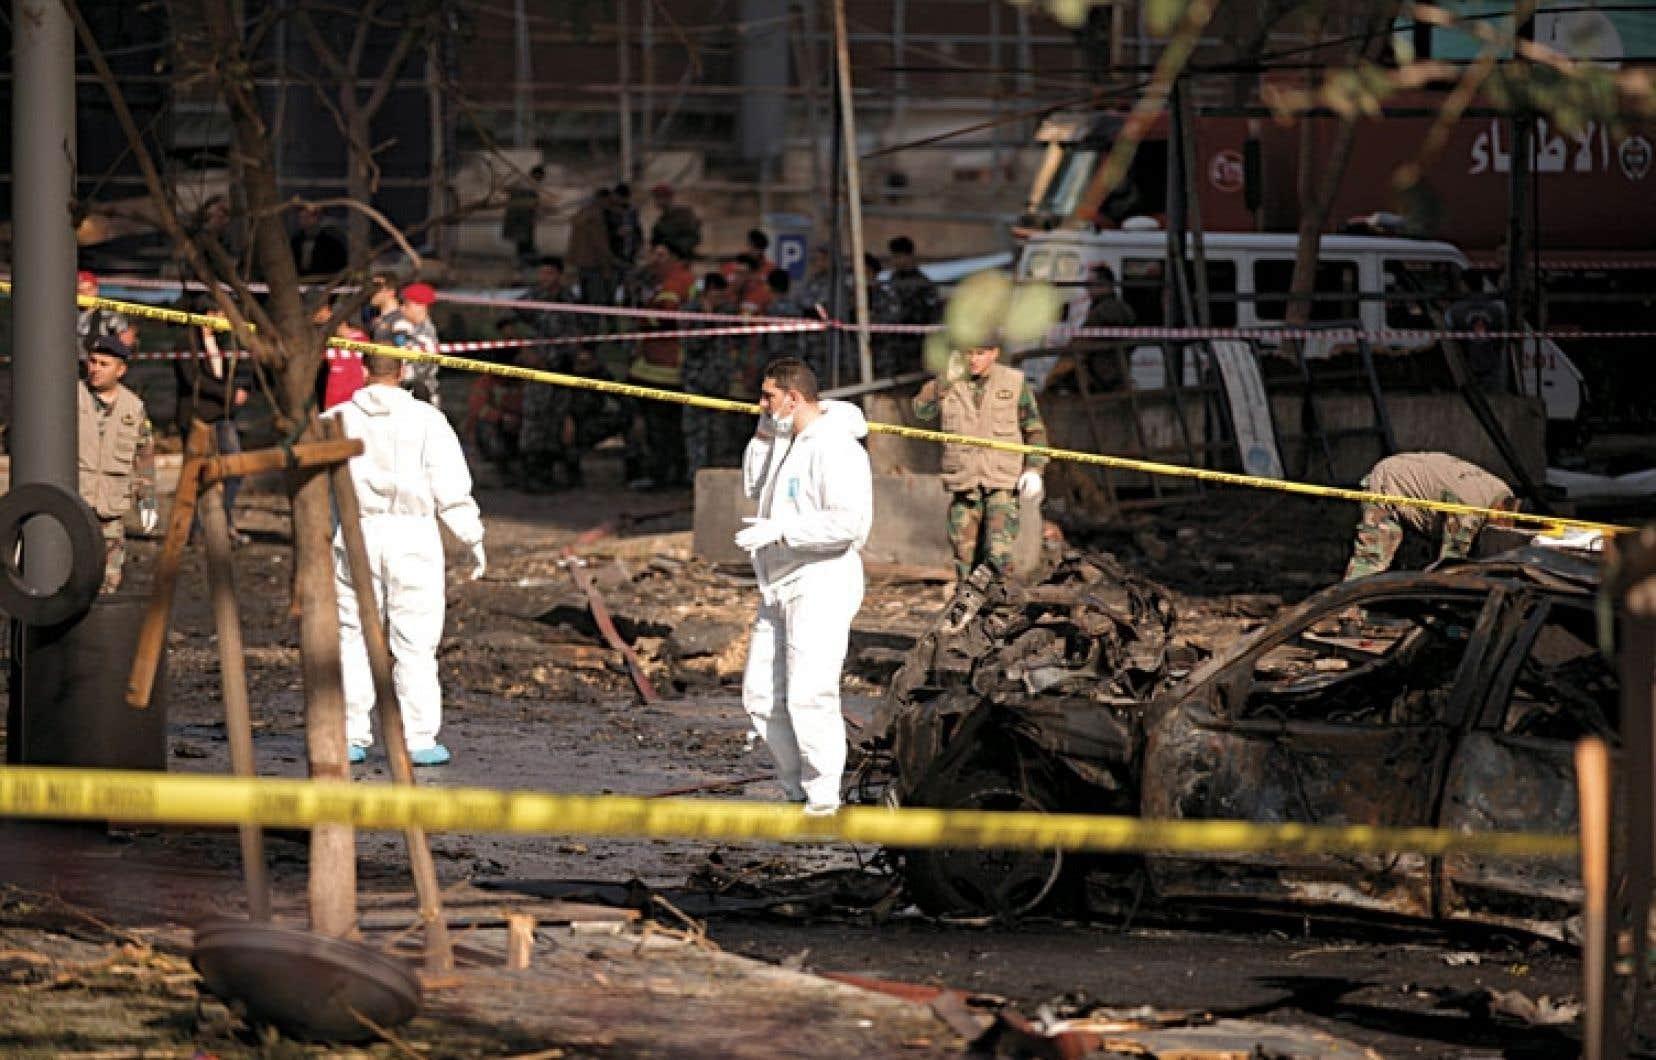 En plus de Mohammad Chatah, l'attentat a tué cinq personnes et fait plus de 50 blessés.